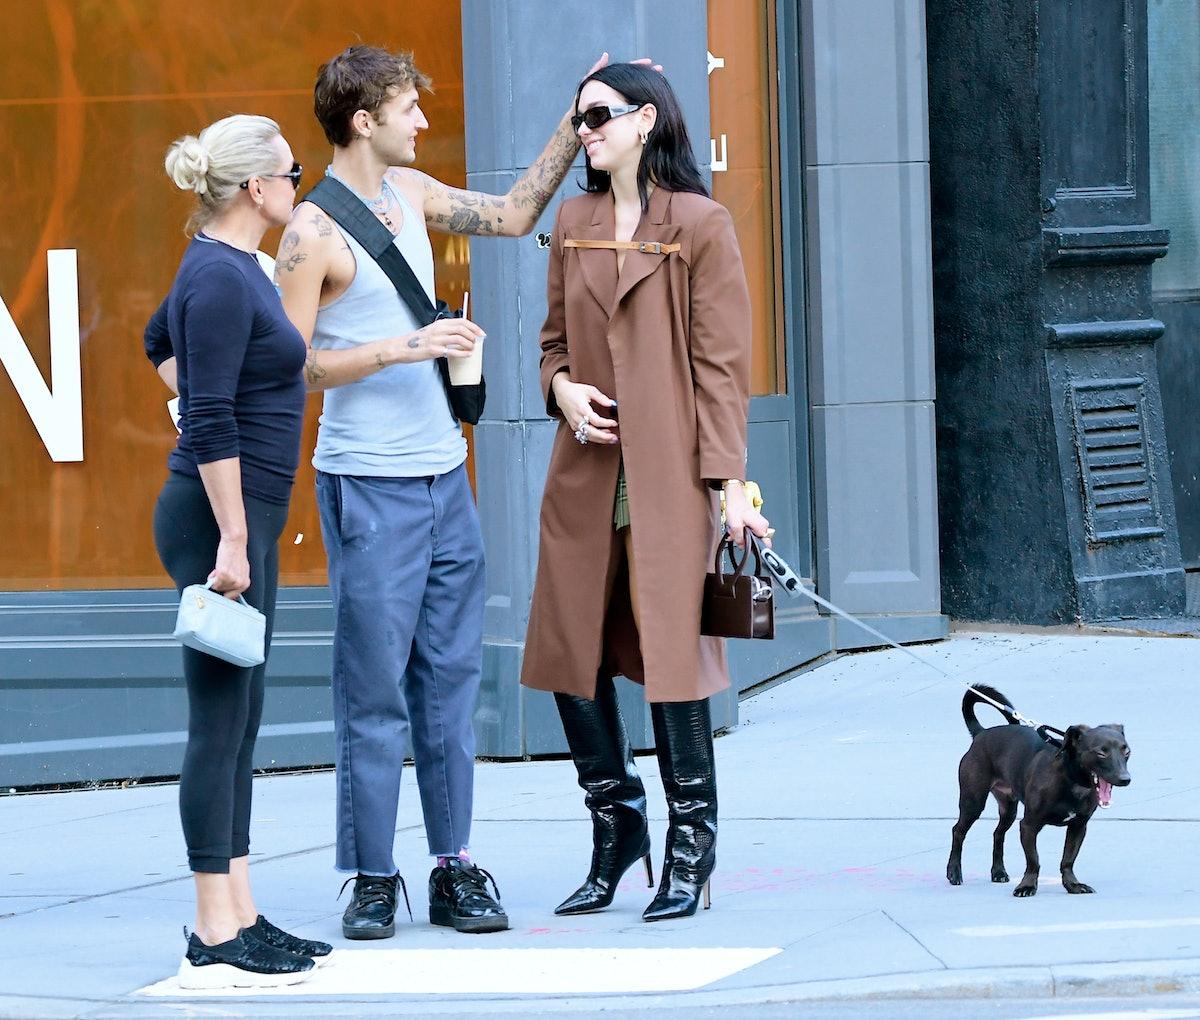 نیویورک ، نیویورک - 21 سپتامبر: یولاندا حدید ، انور حدید و دوآ لیپا در حال قدم زدن در سوهو در Se ...